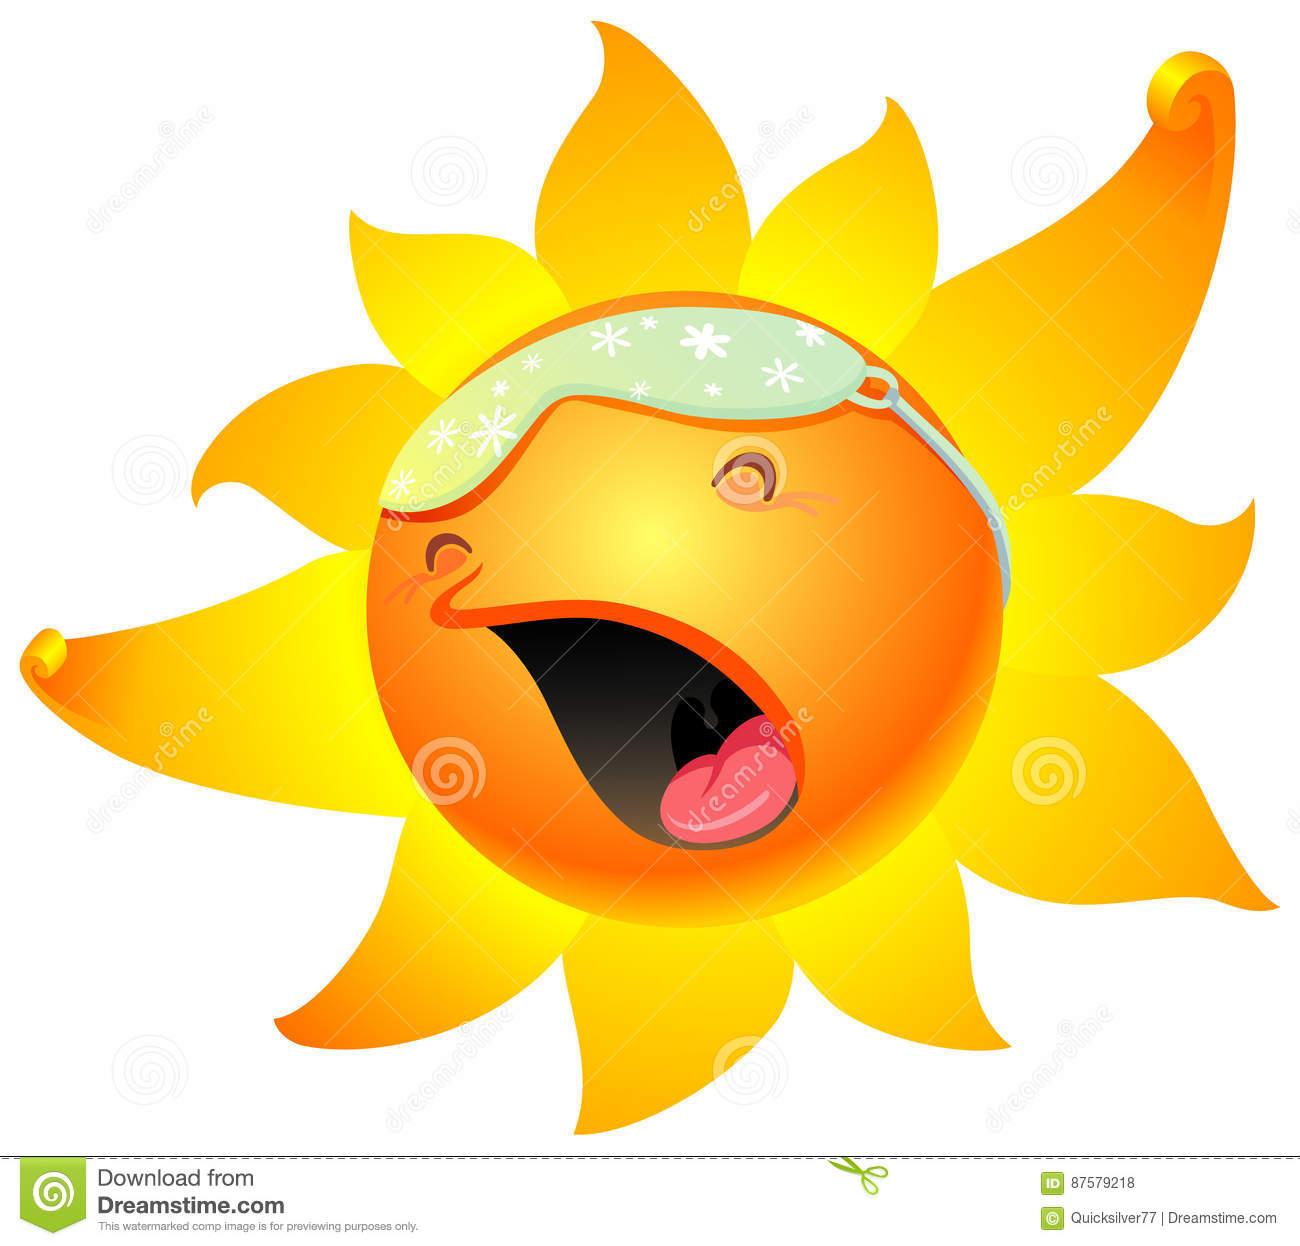 Sleepy Sun Clipart.